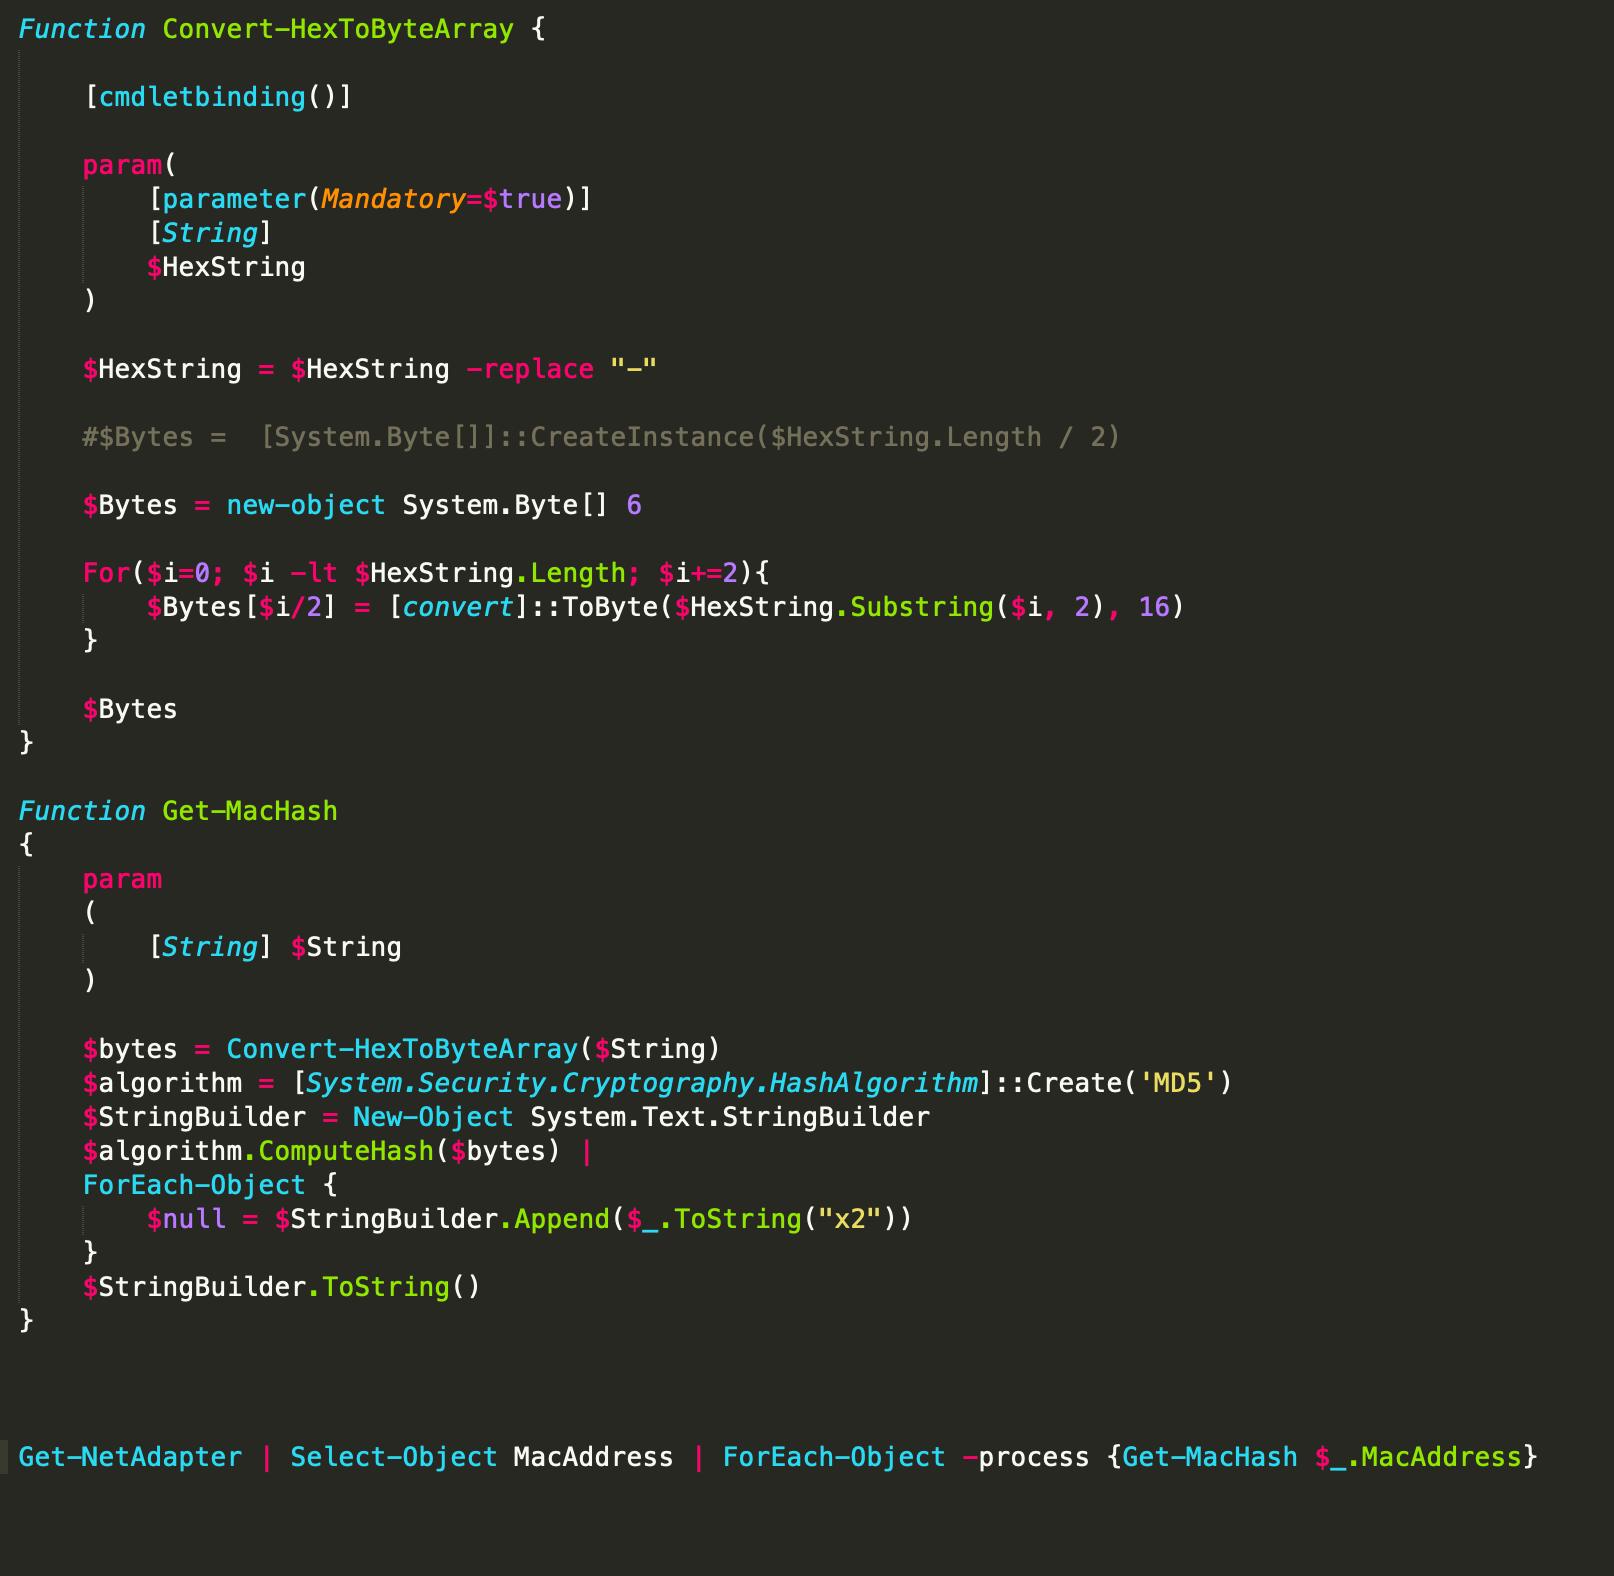 infoguard-blog-shadow-hammer-mac-adressen-hash-list